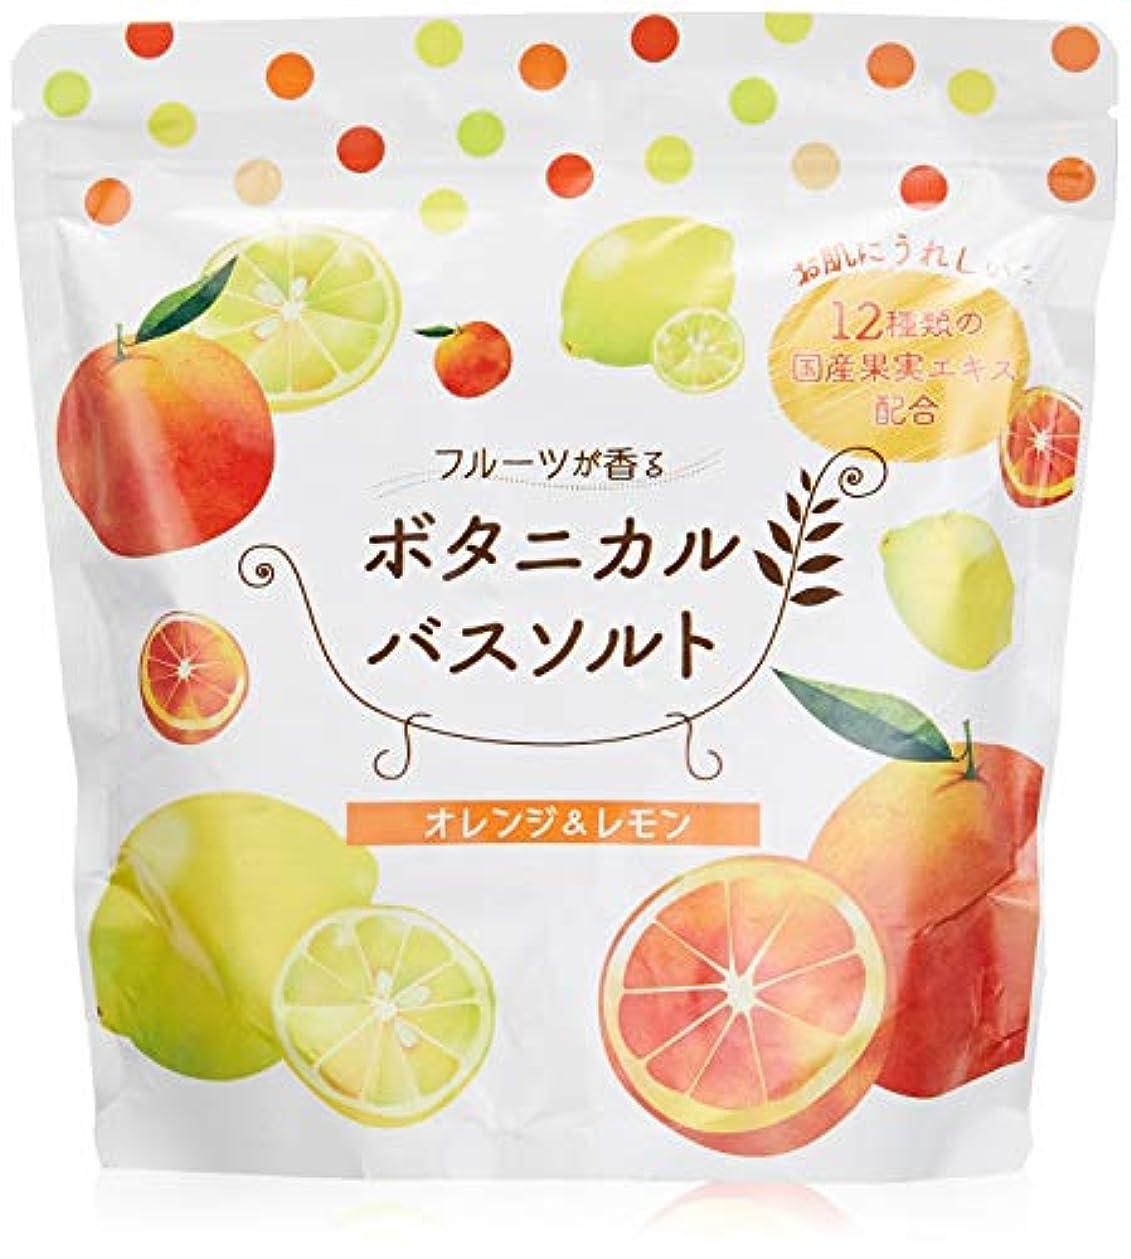 勧める速いマークダウン松田医薬品 フルーツが香るボタニカルバスソルト 入浴剤 オレンジ レモン 450g